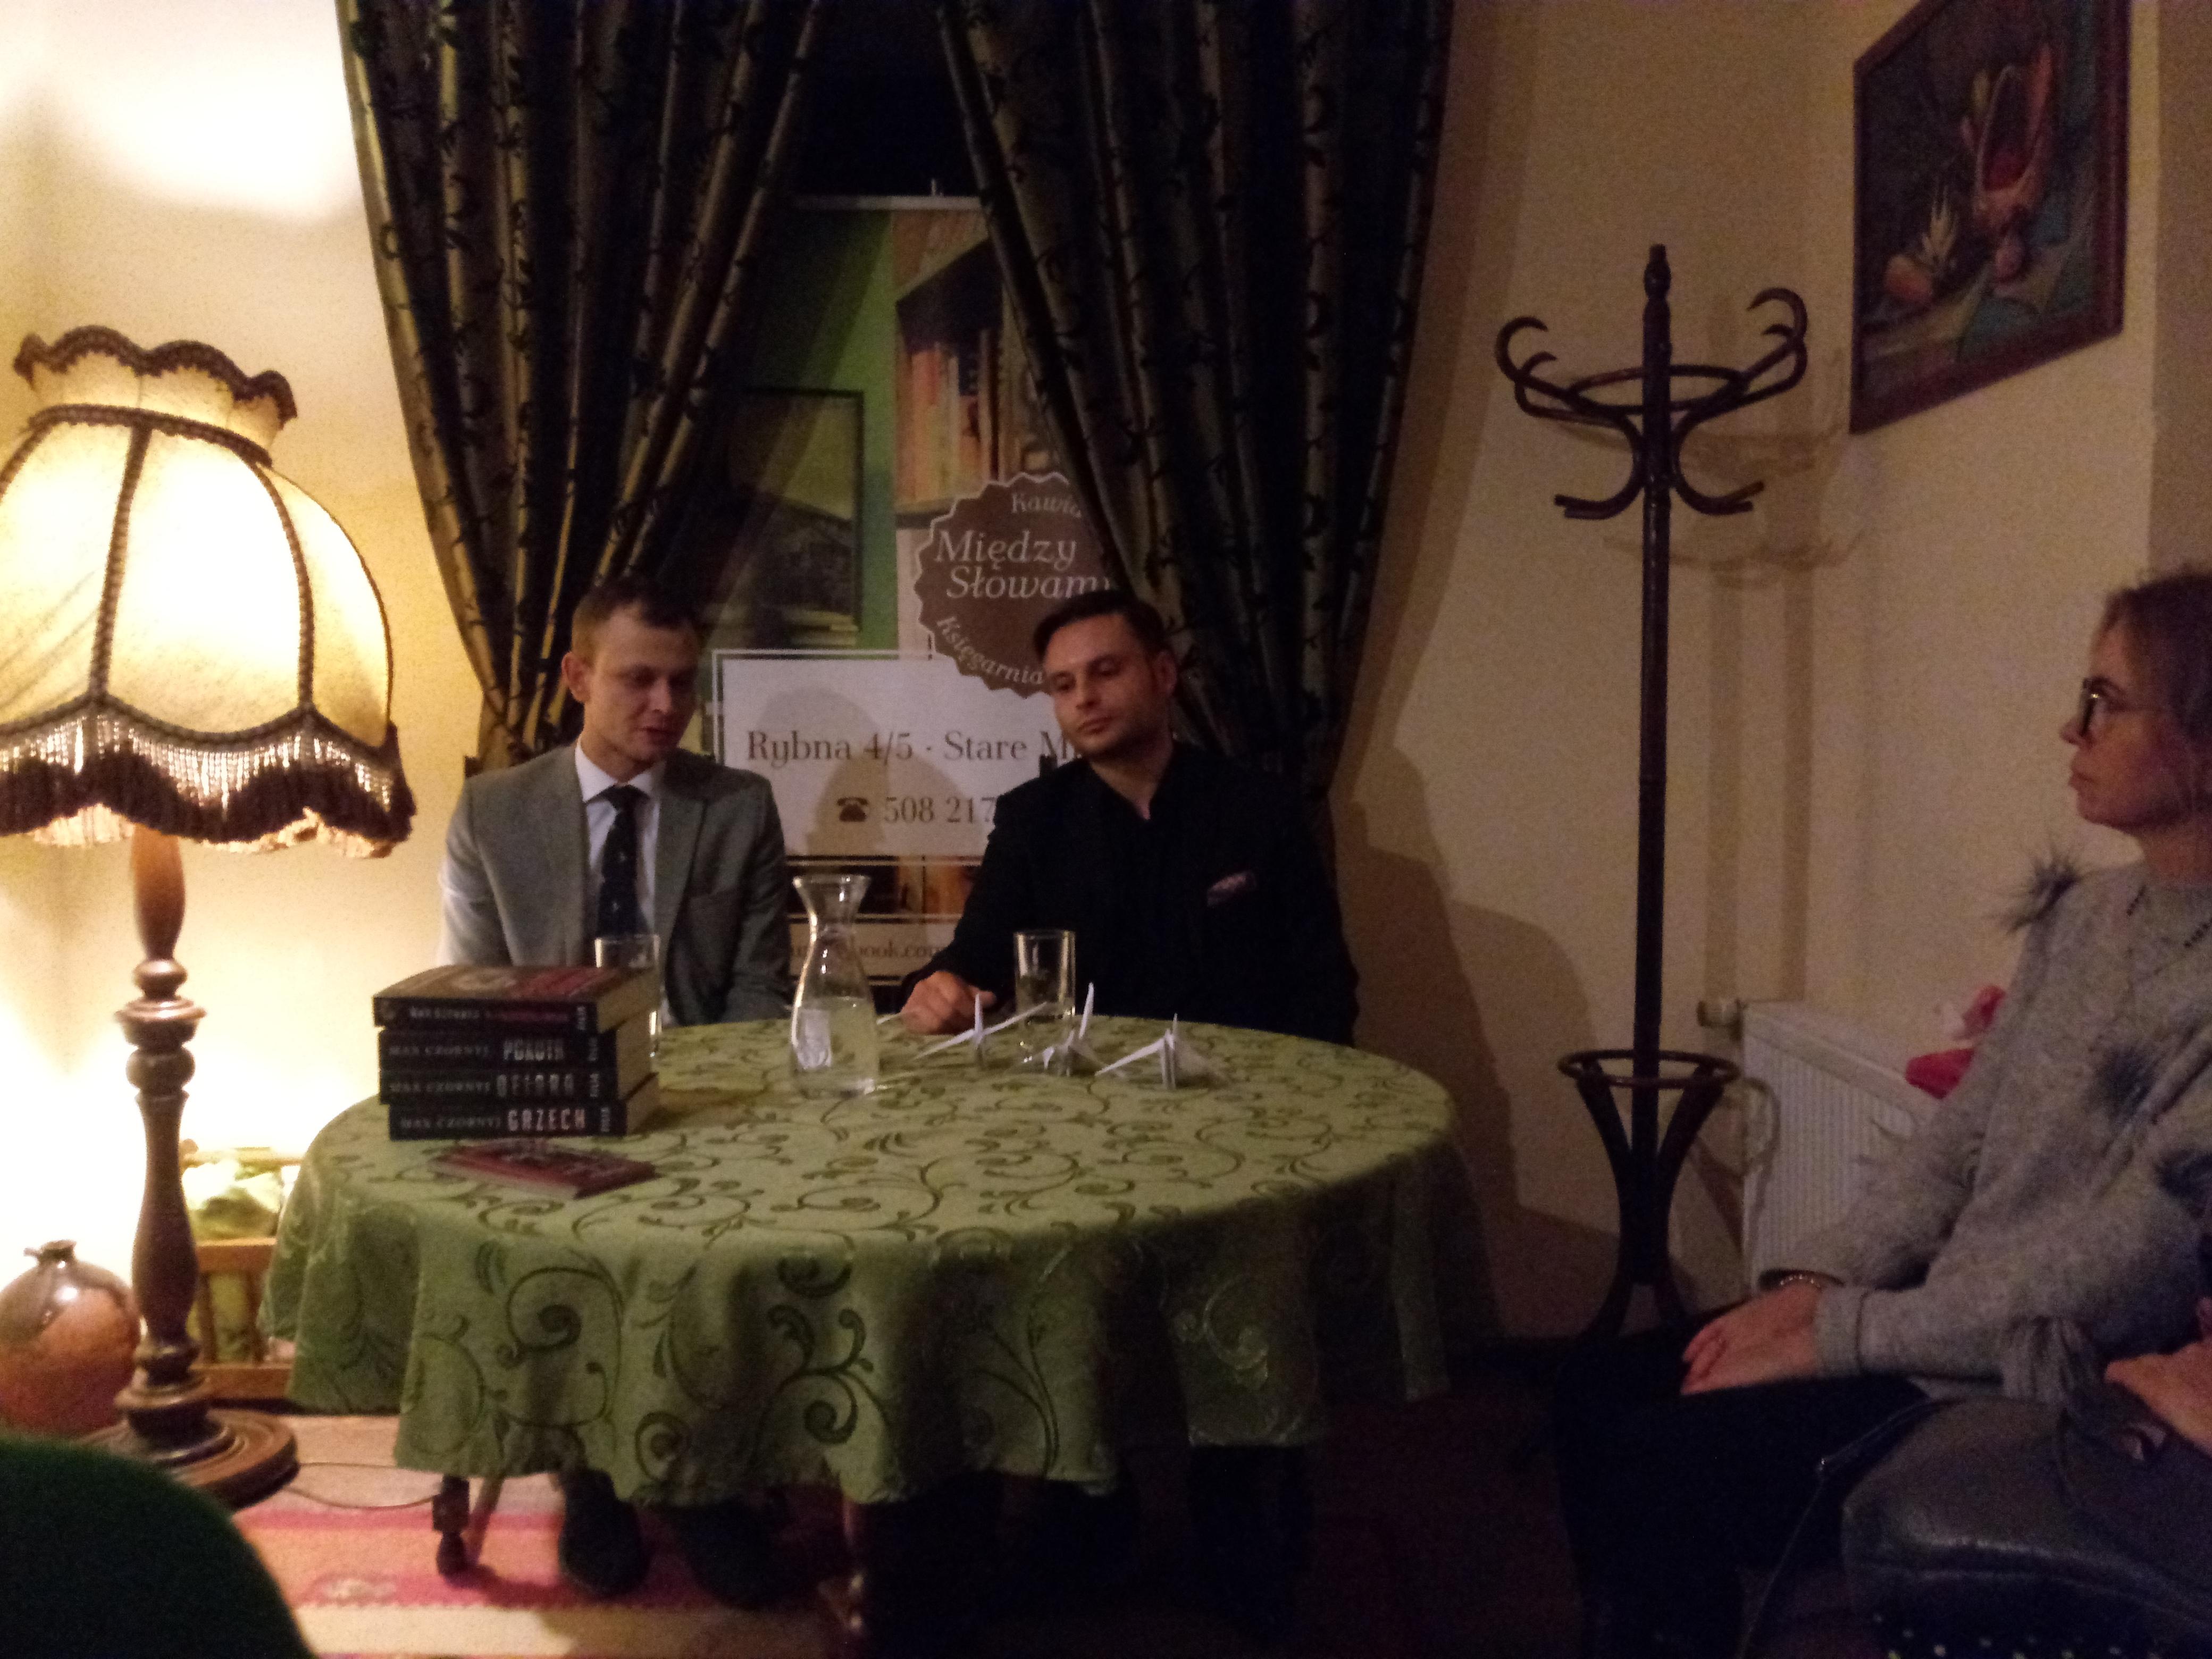 12.12.2018 Spotkanie z Maxem Czornyjem, autorem trylogii o komisarzu Eryku Deryle